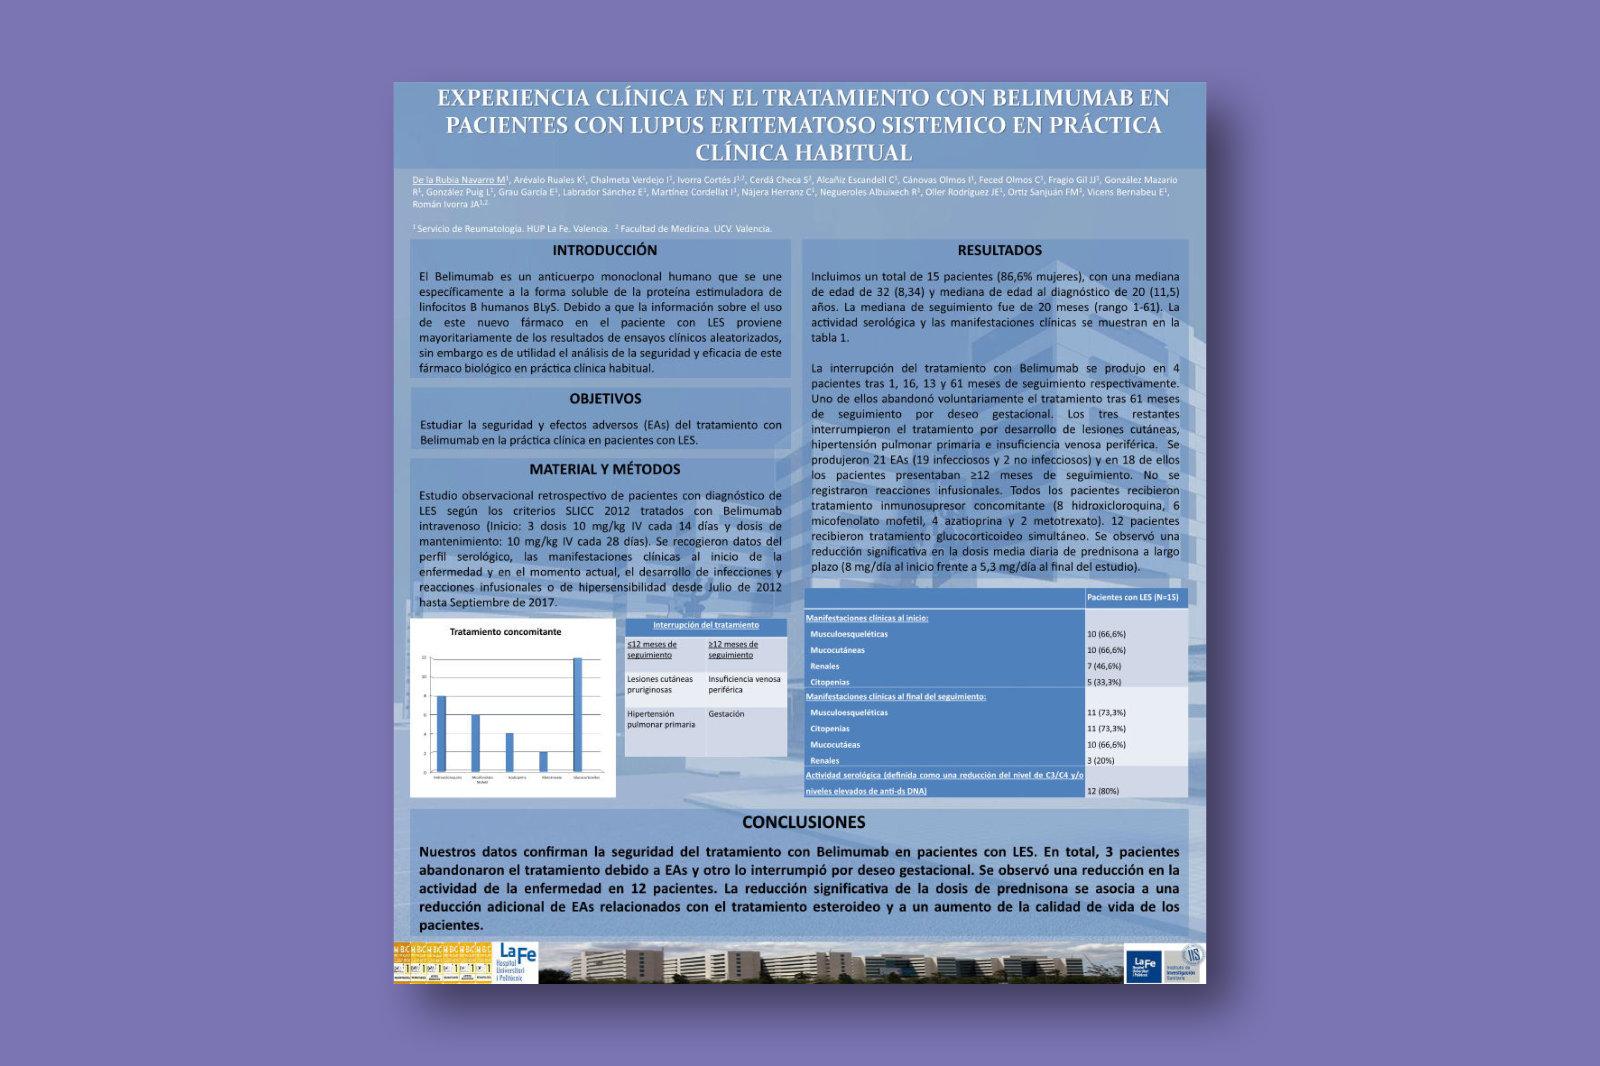 Experiencia clínica en el tratamiento con Belimumab en pacientes con Lupus Eritematoso Sistemico en práctica clínica habitual